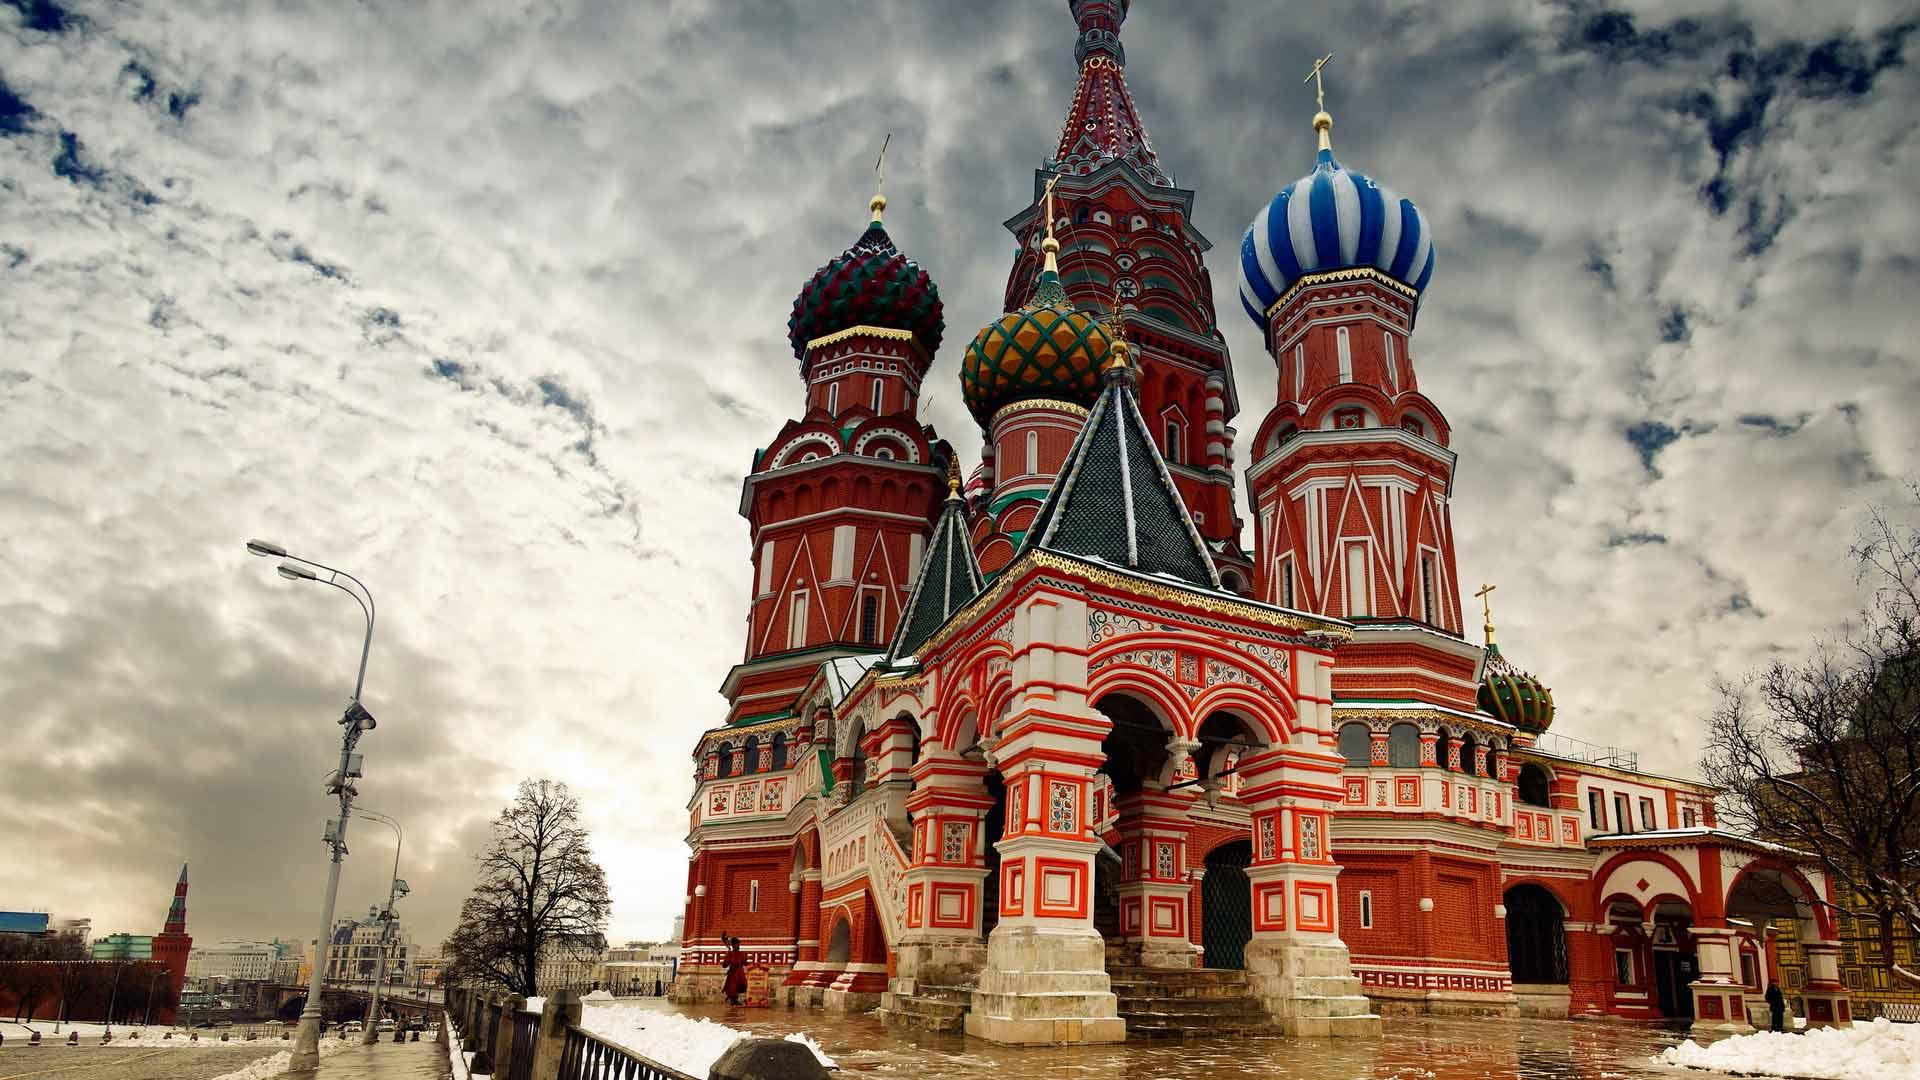 """""""Имя России""""  Дорогие друзья, все мы знаем, что наша родина ассоциируется на западе и во всём цивилизованном мире, к ... - Изображение 1"""